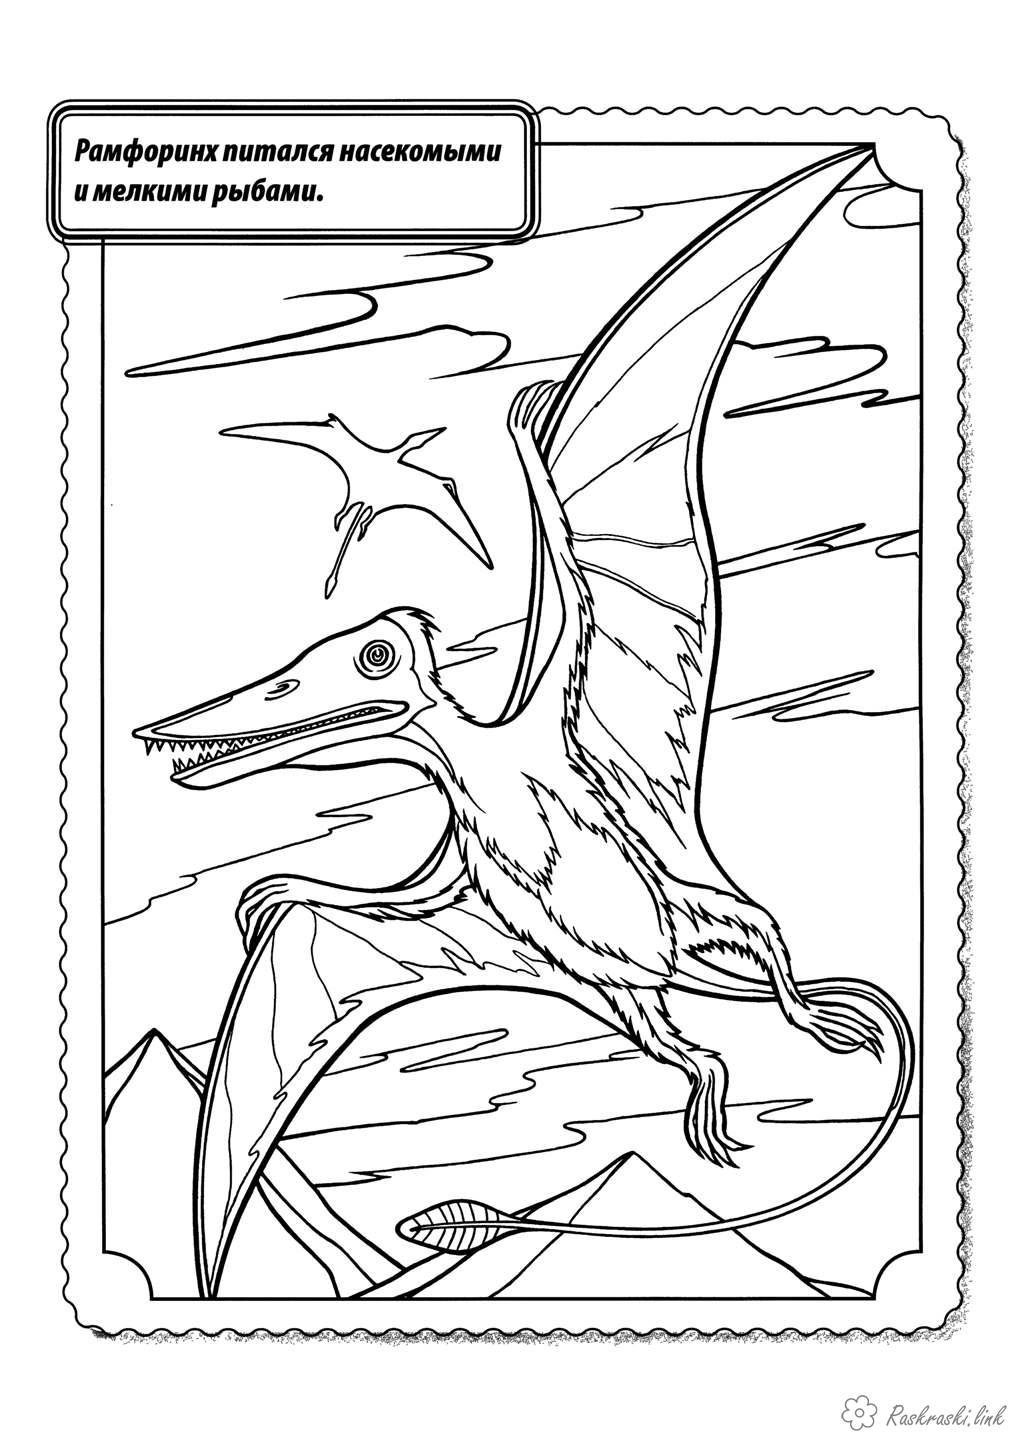 Розмальовки Рептилії Рептилії, динозавр, хижак, літає, рамфоринх